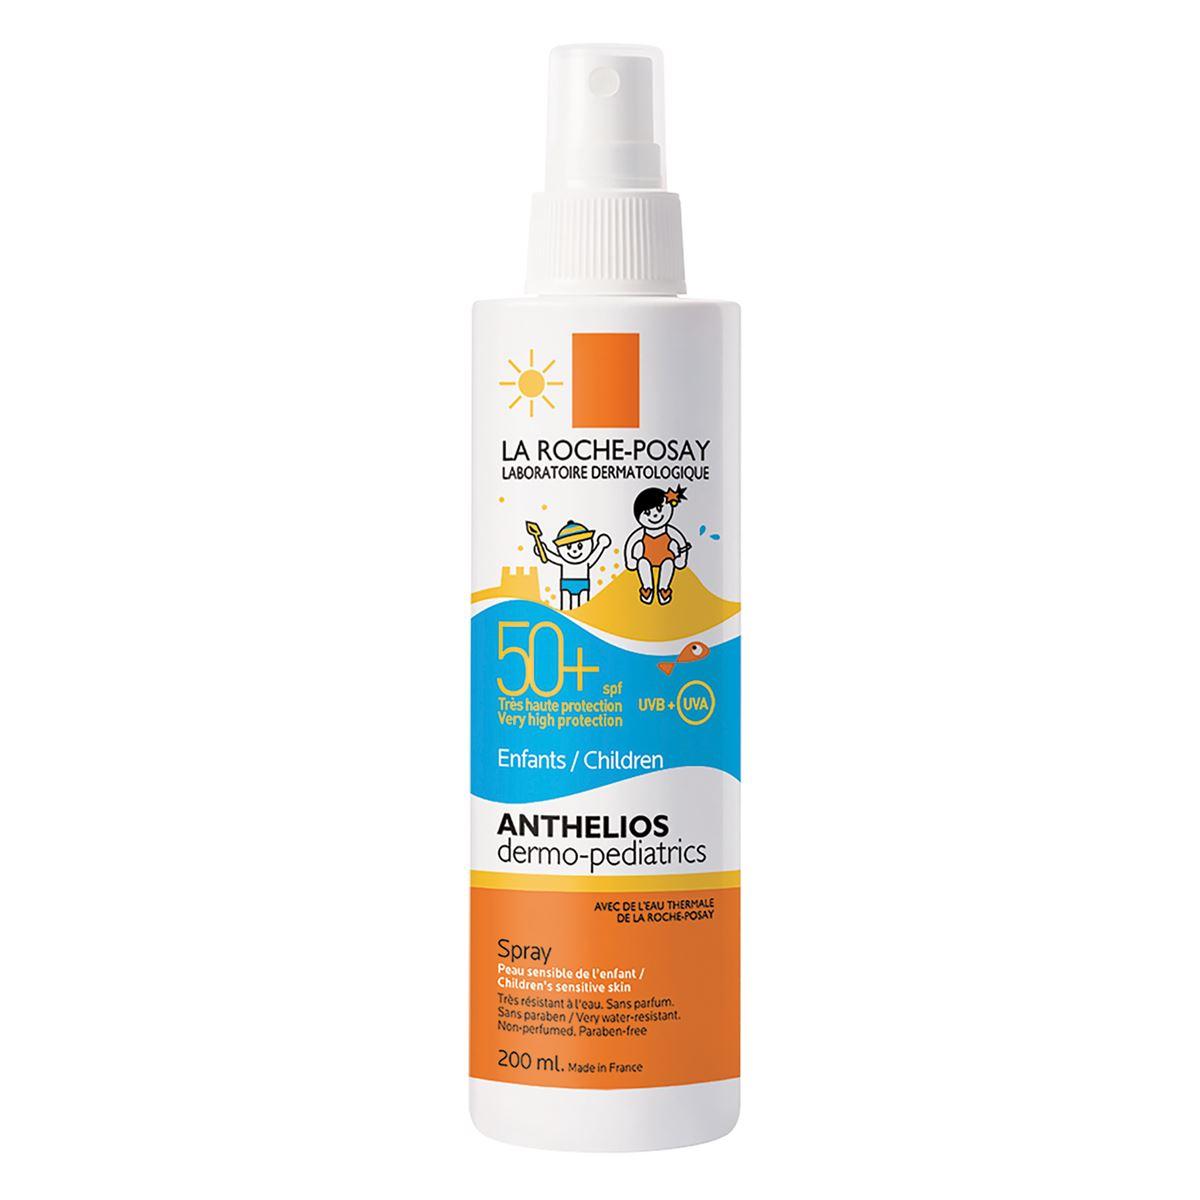 Comprar Anthelios Dermo-Ped Spray Fps50Y 1 Frasco Spray 200 Ml